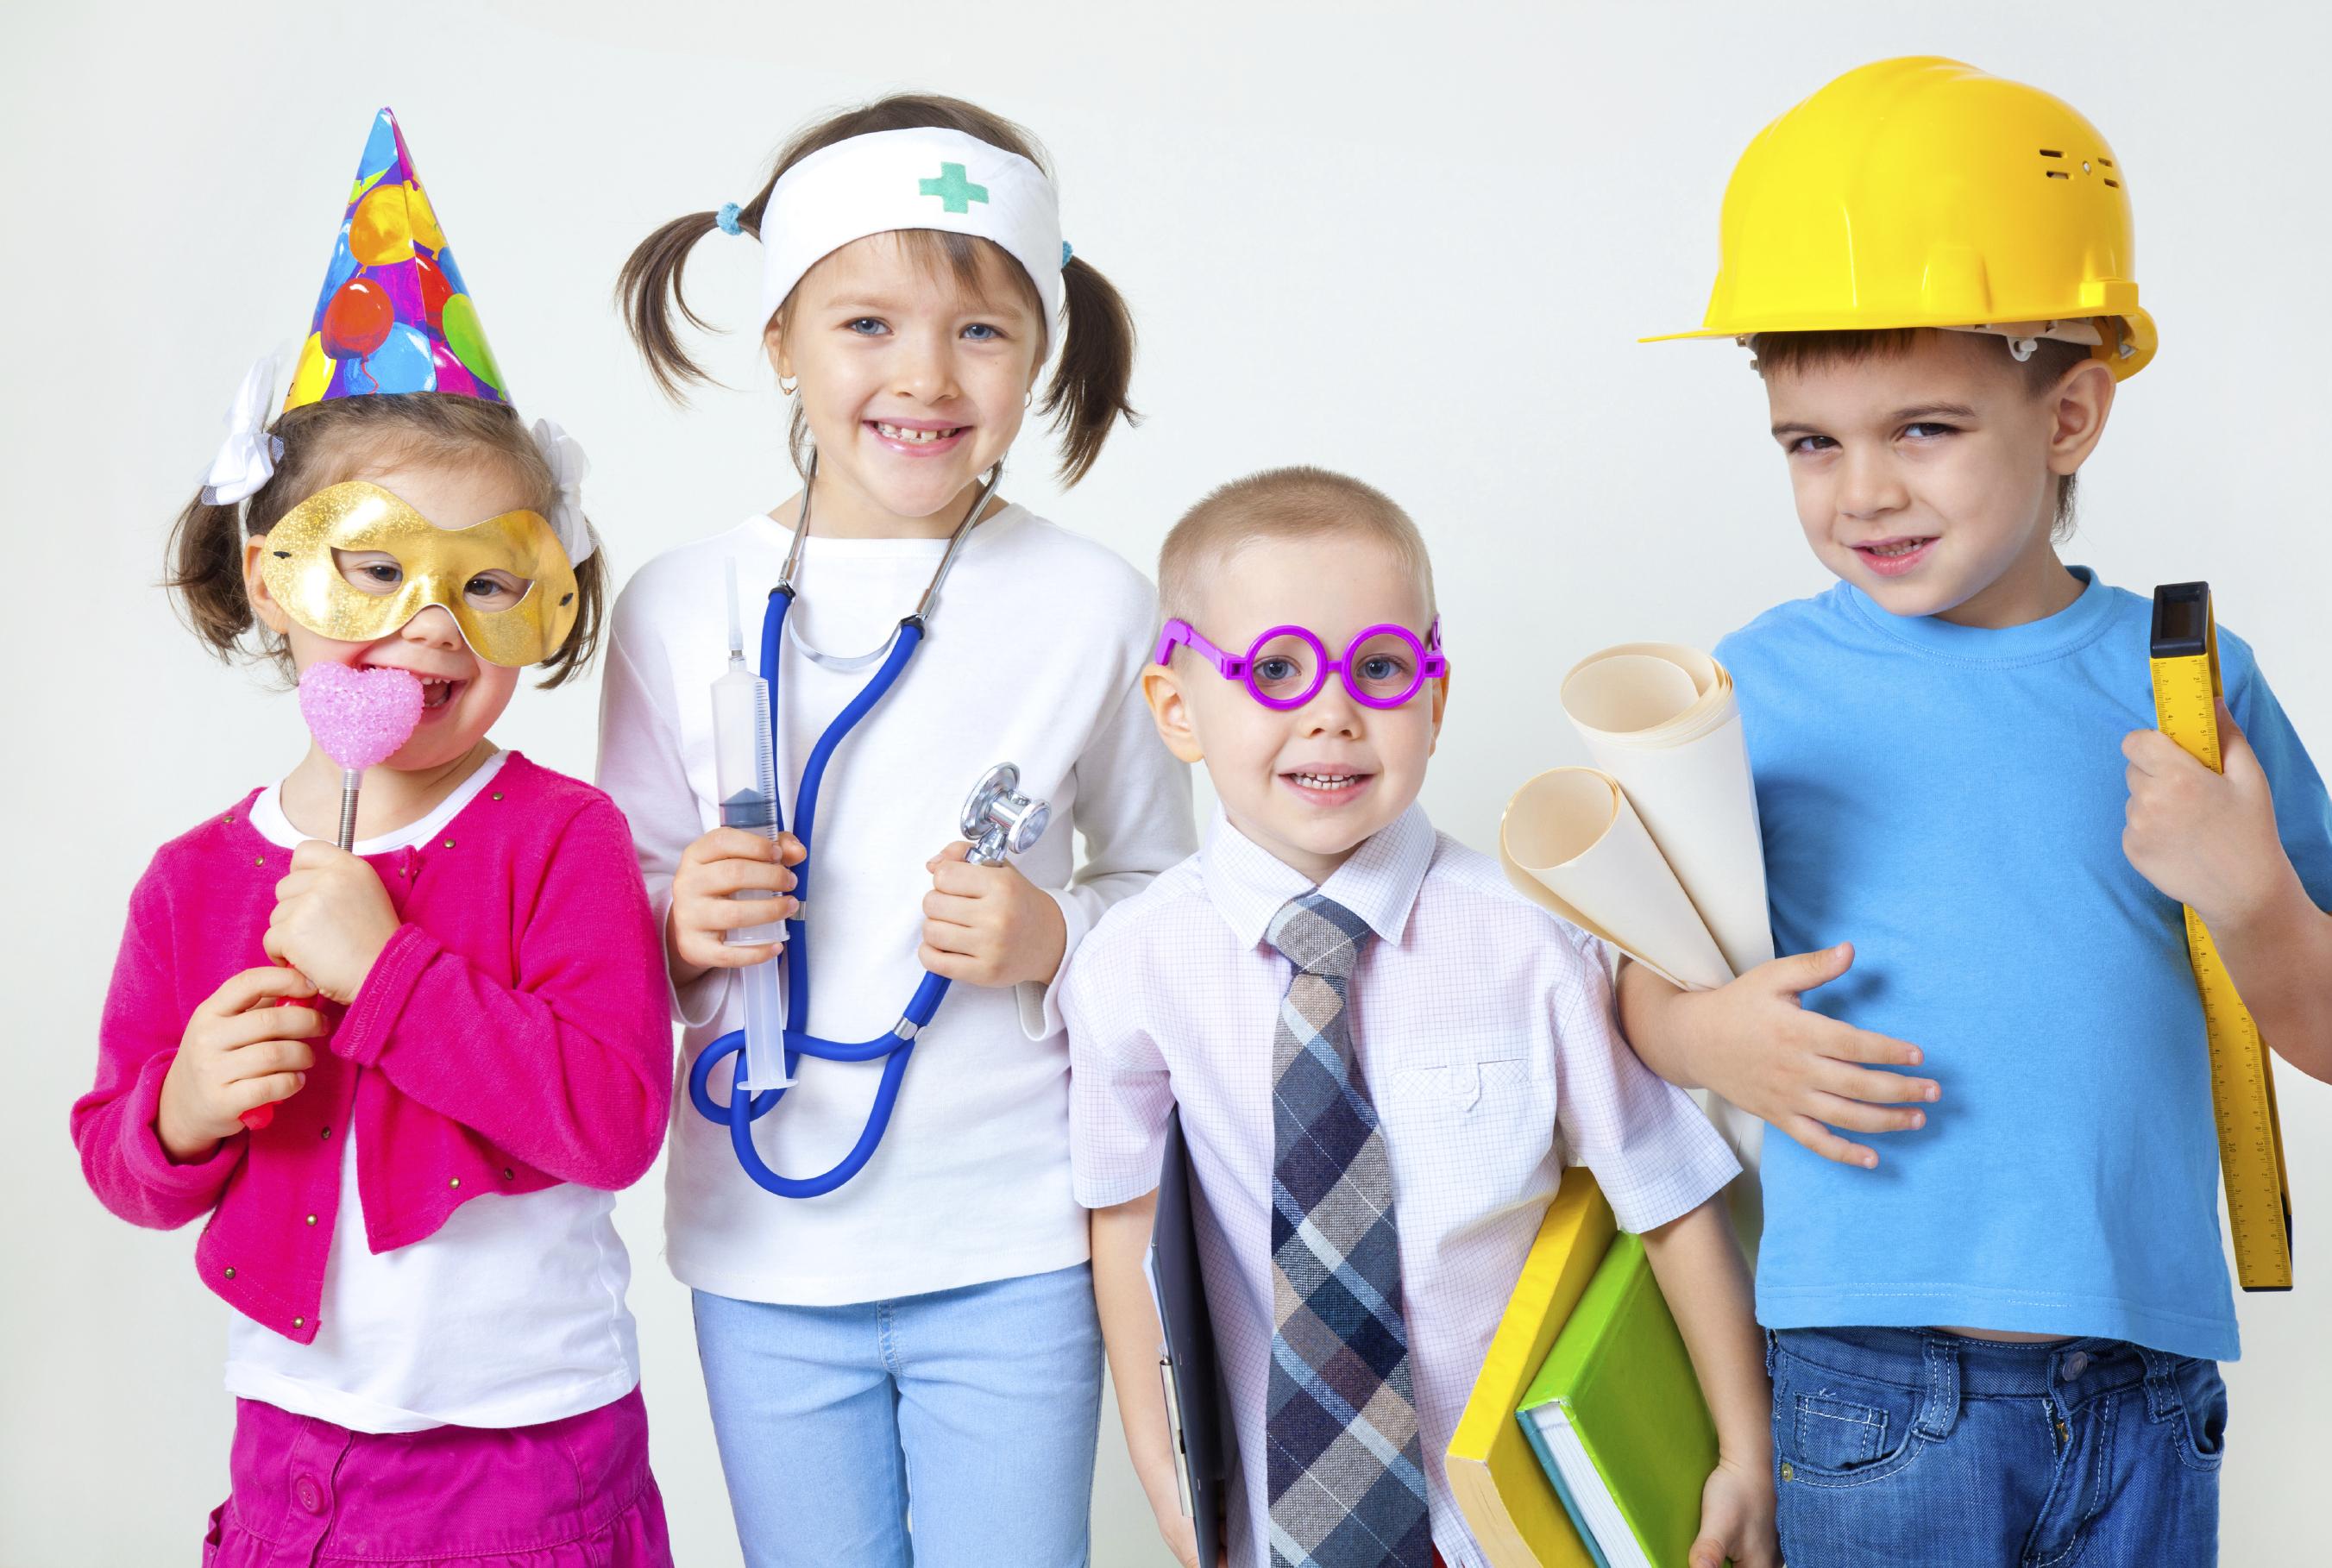 نقش اسباب بازی در تعیین شغل آینده کودکان